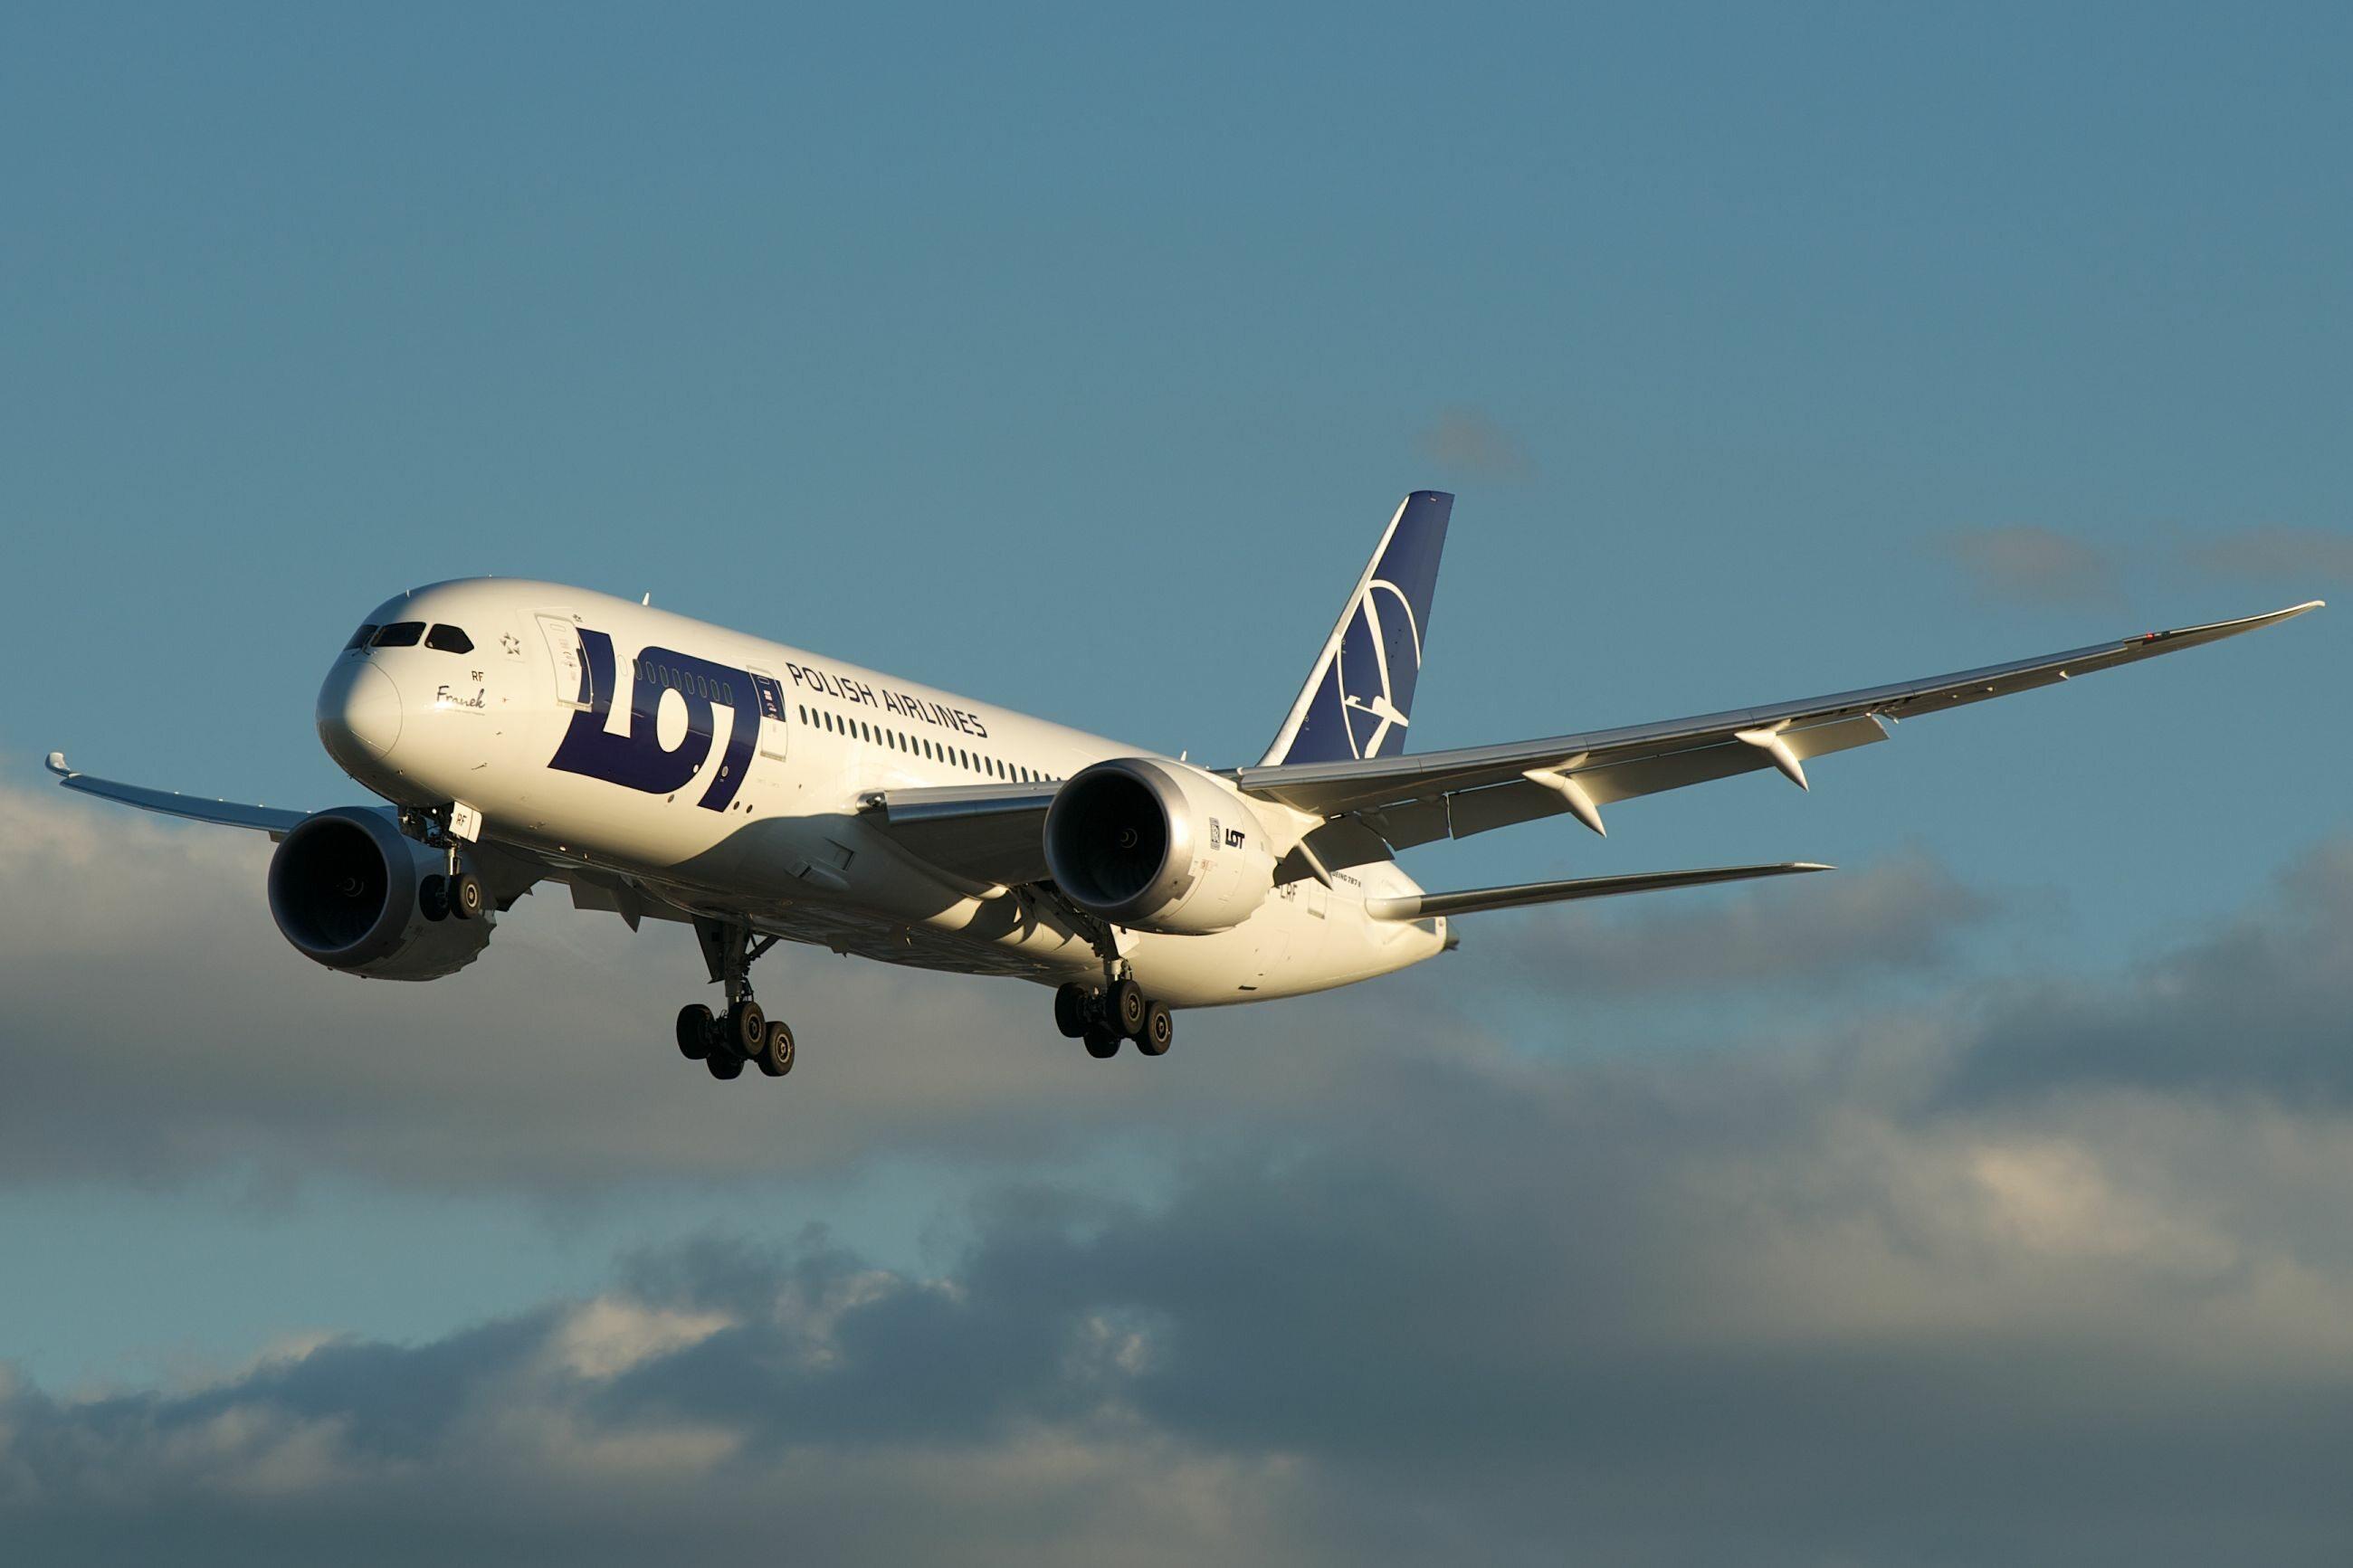 Samolot, zdjęcie ilustracyjne